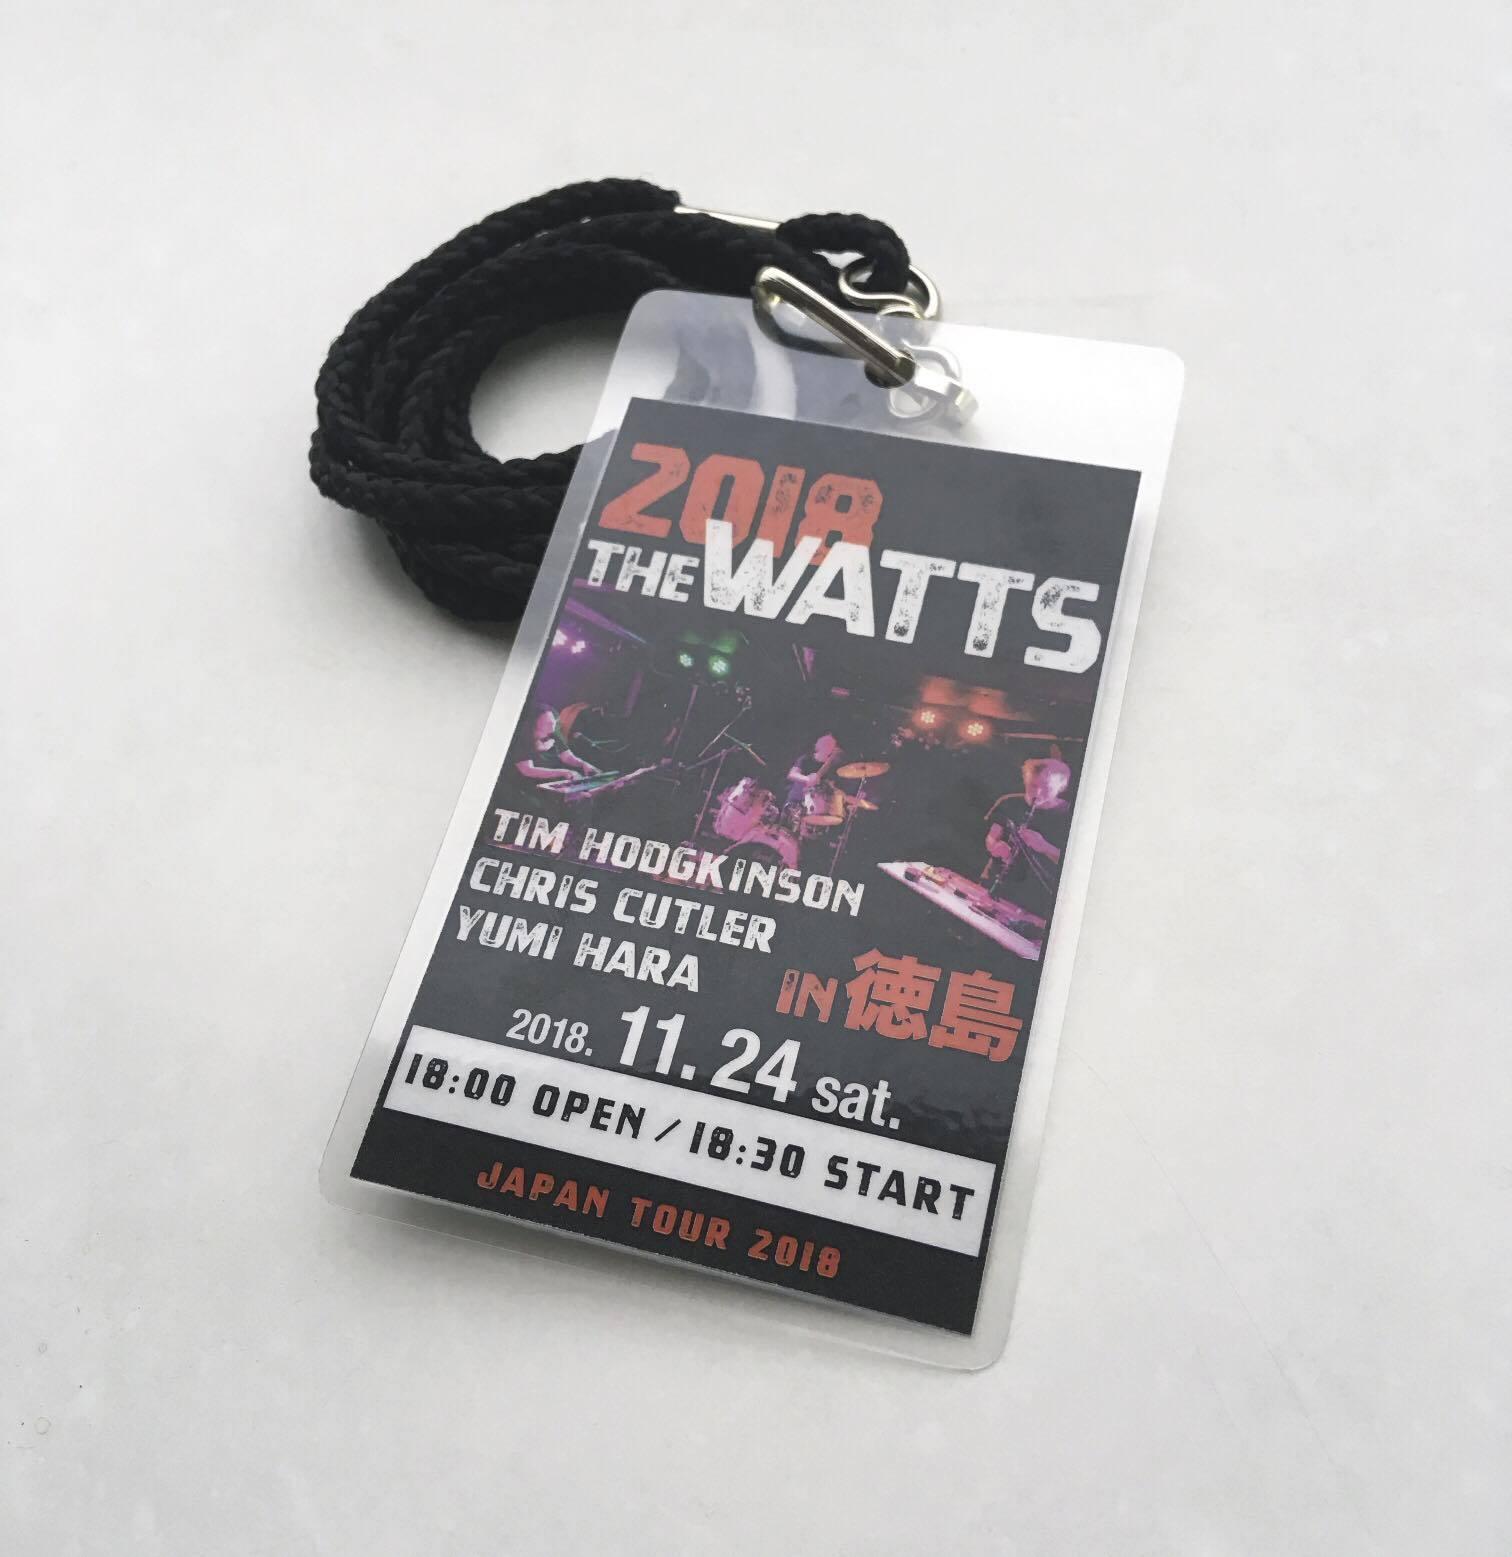 THE WATTS (ティム・ホジキンスン、クリス・カトラー、ユミ・ハラ)日本ツアー2018 総合情報アップデートページ_c0129545_00595843.jpg